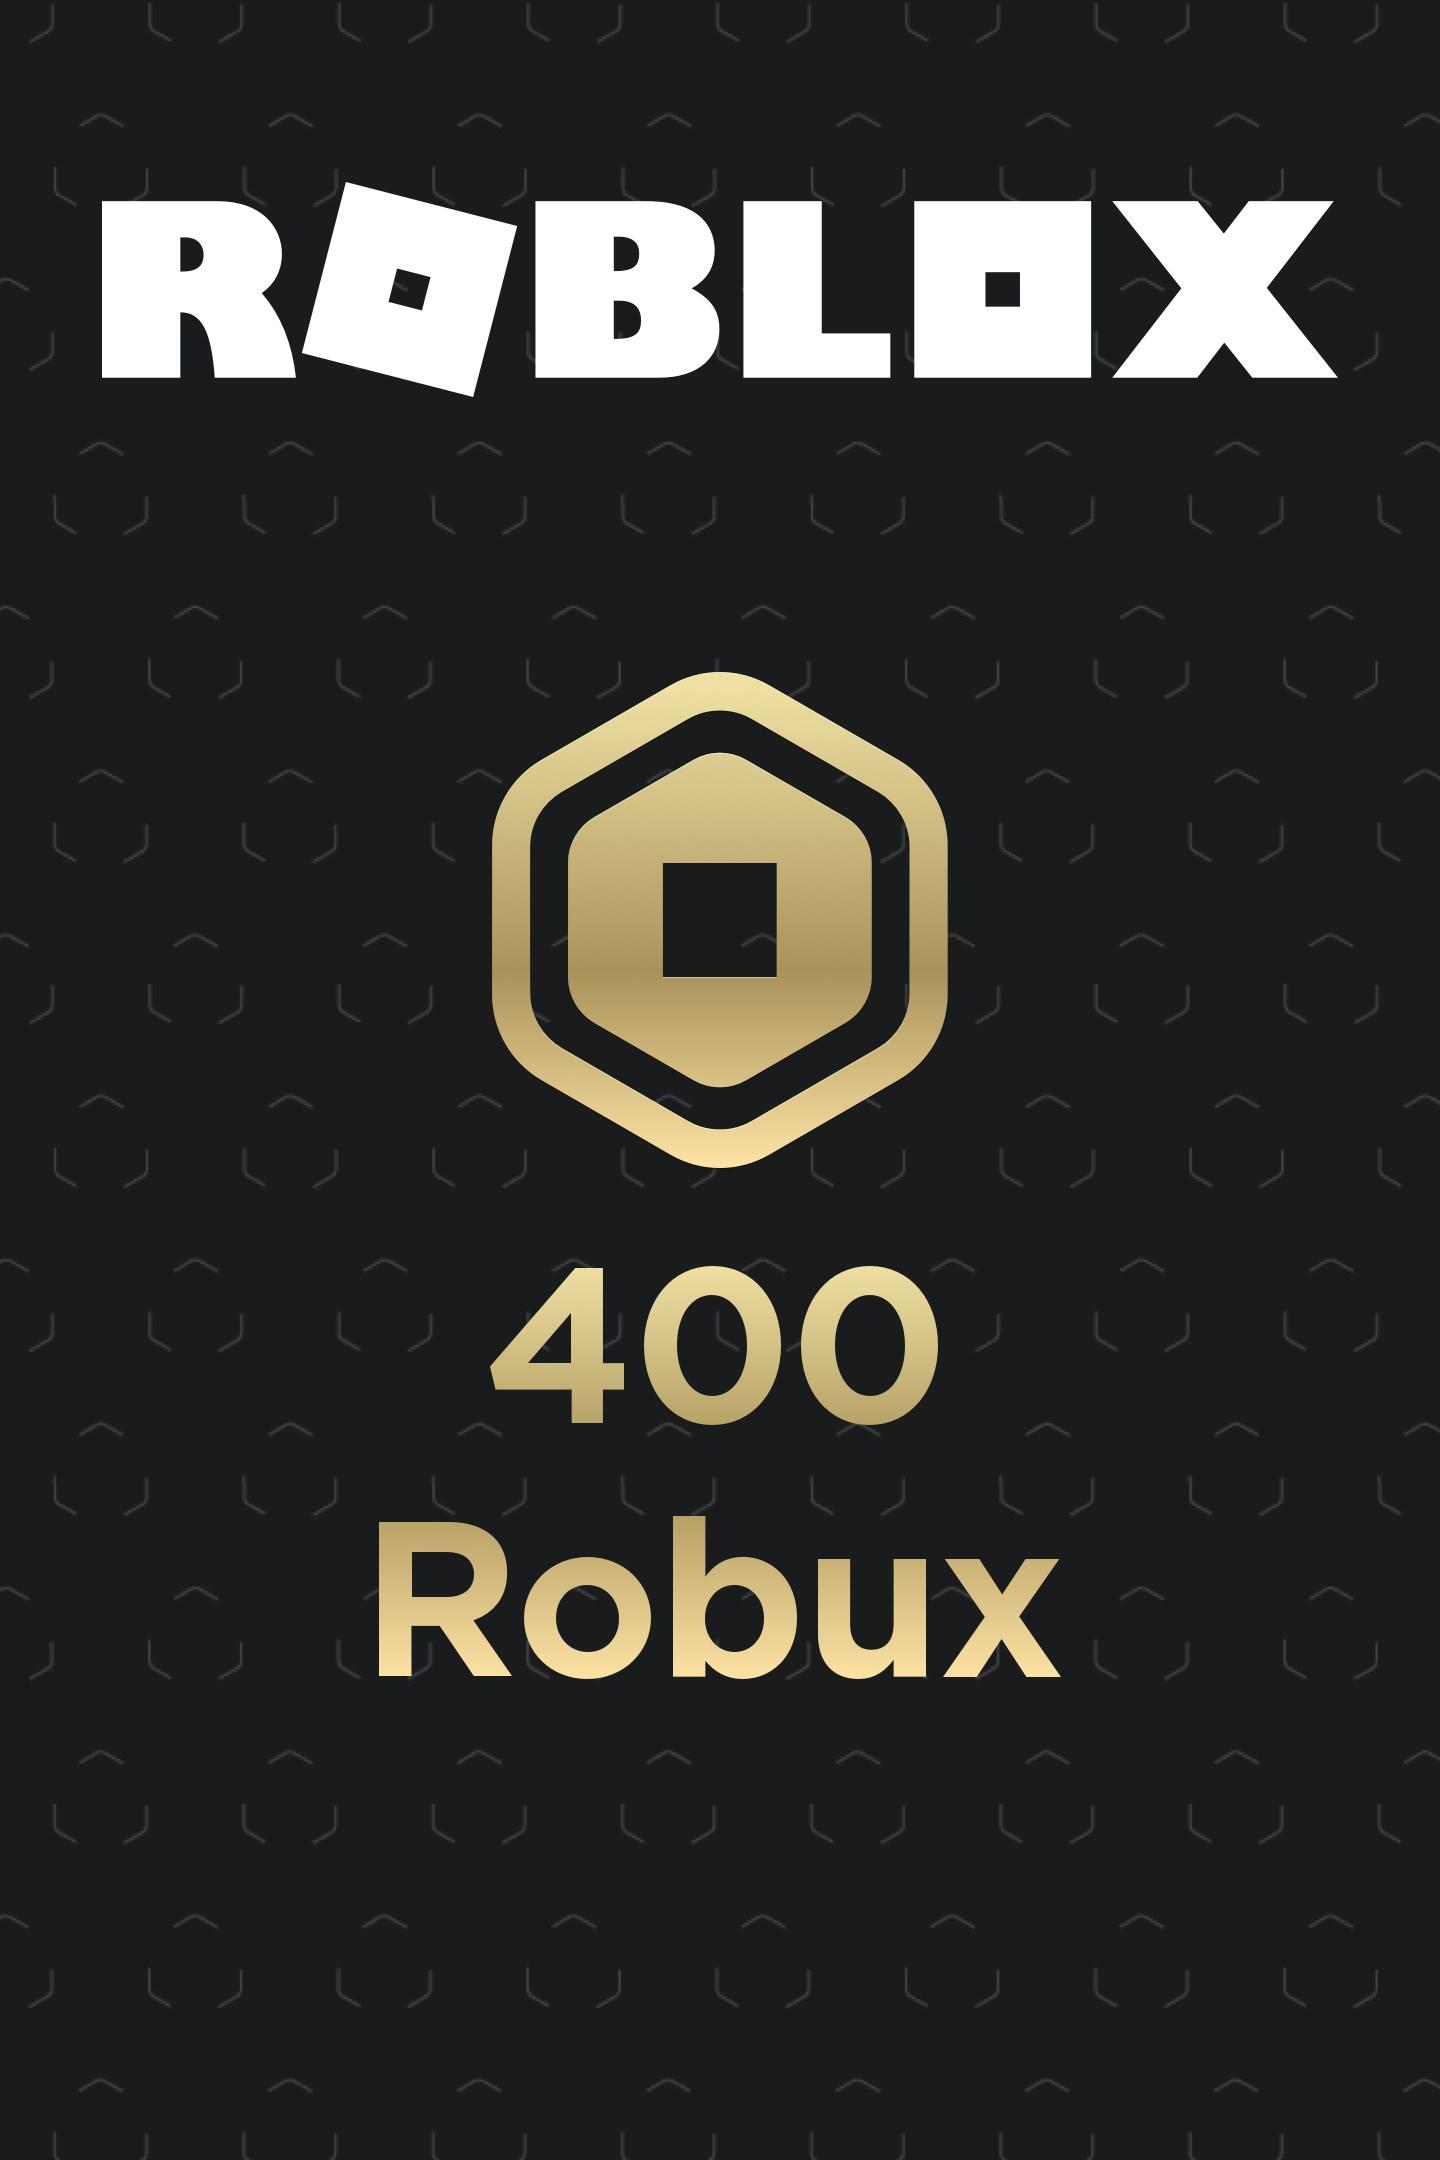 Roblox Xbox